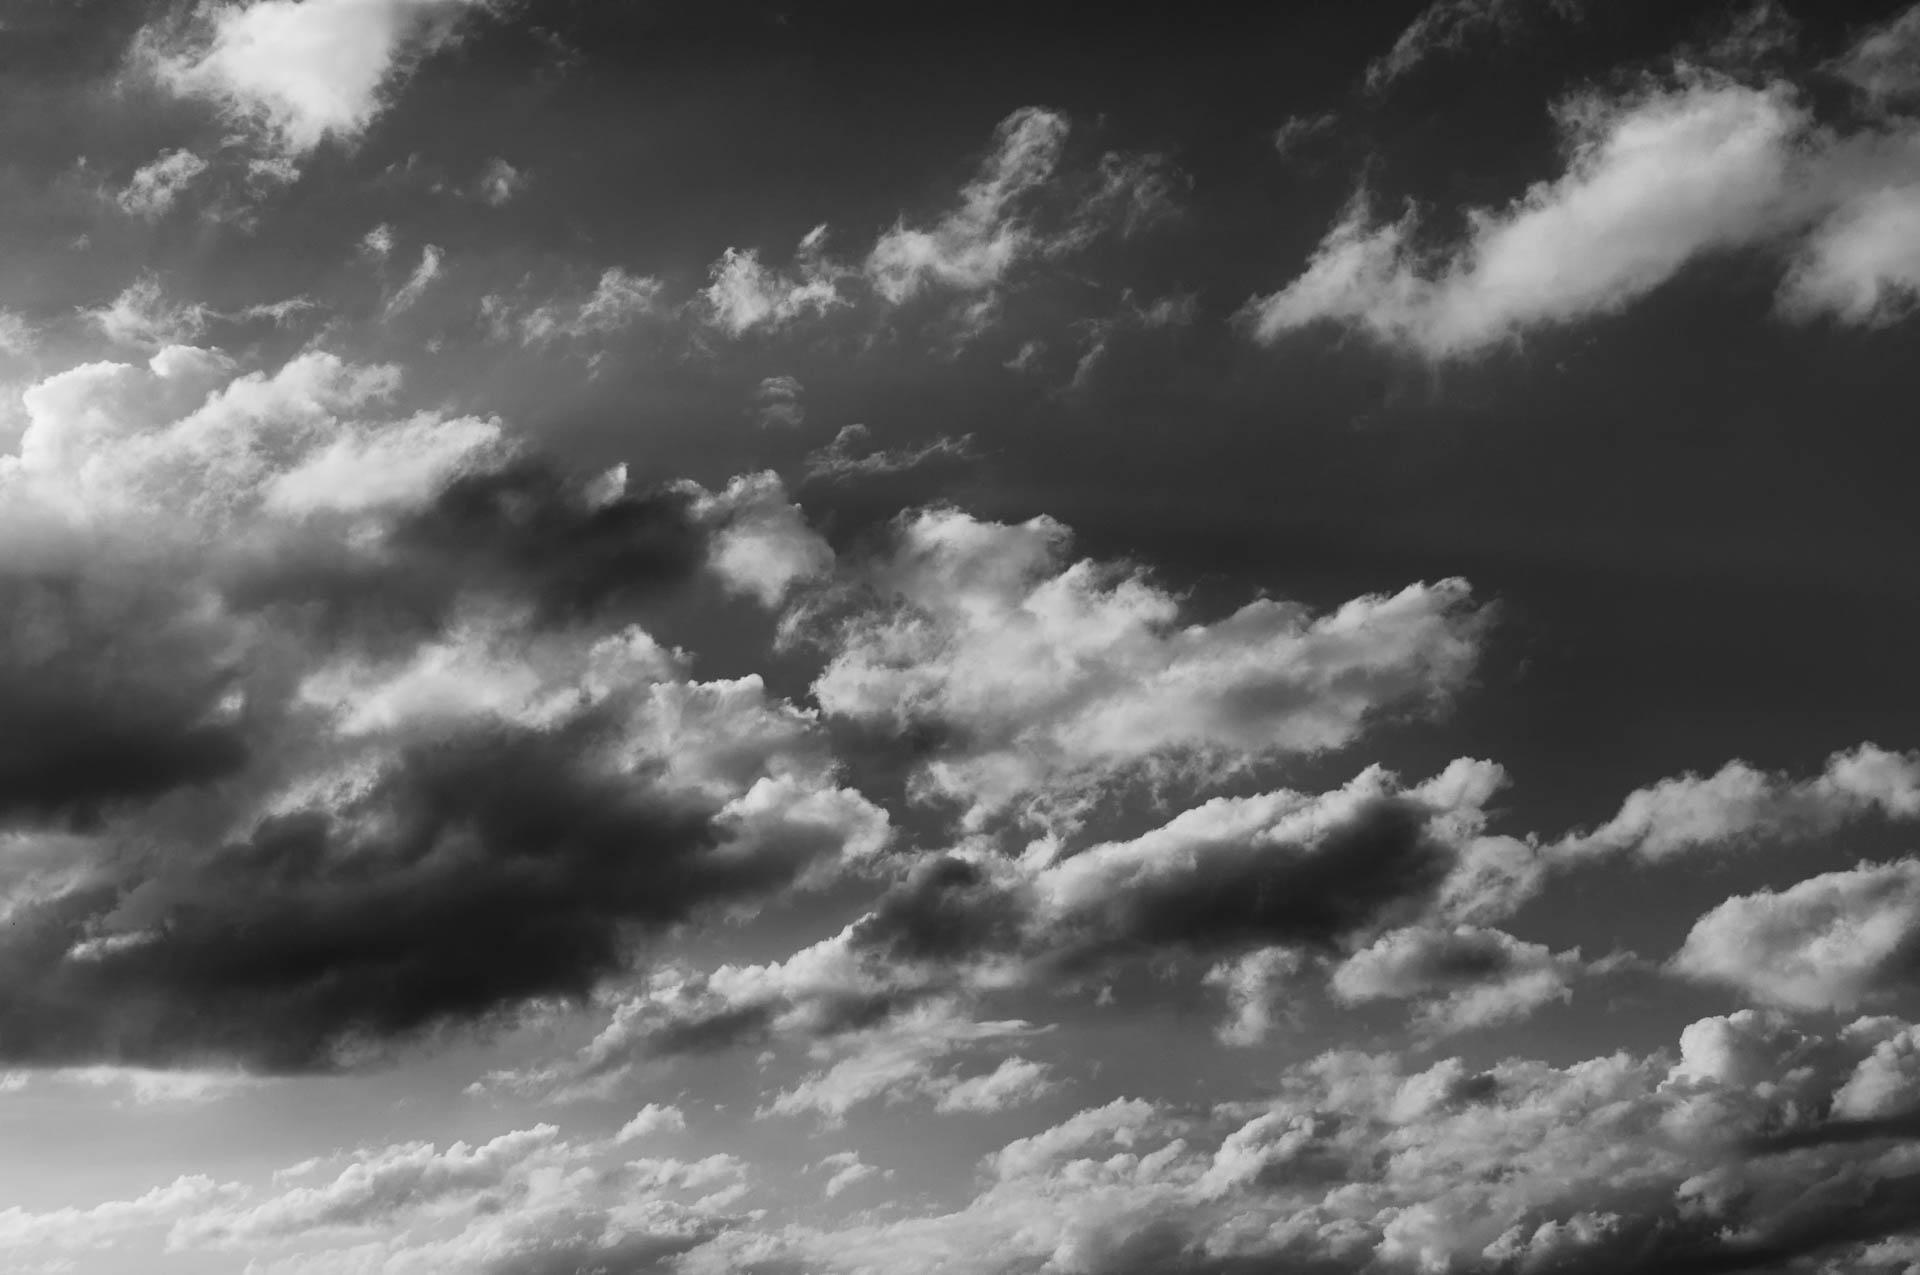 Nikon D300 - Wolken